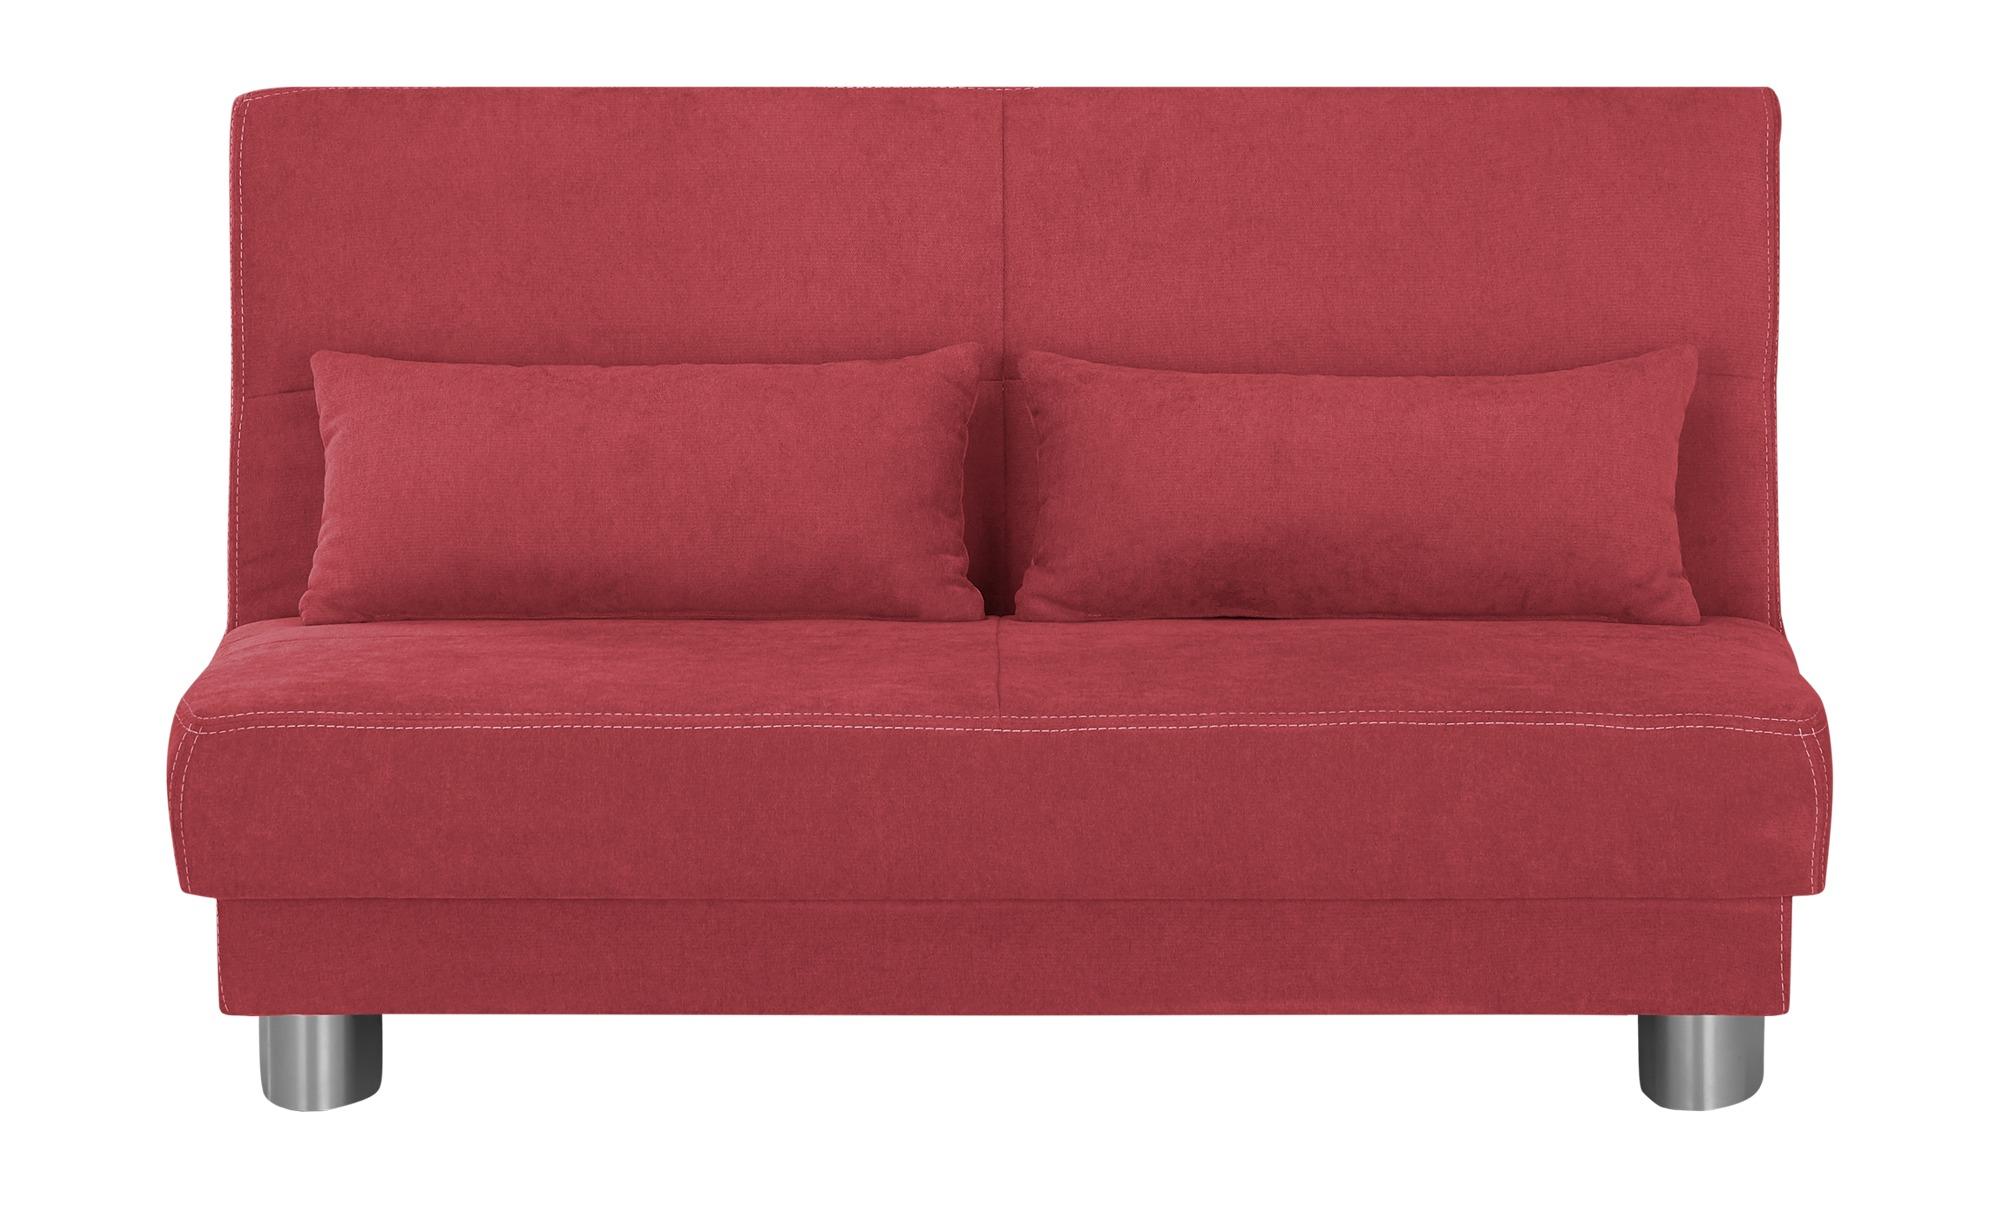 Schlafsofa  Gina ¦ rot ¦ Maße (cm): B: 160 H: 86 T: 95 Polstermöbel > Sofas > Einzelsofas - Höffner